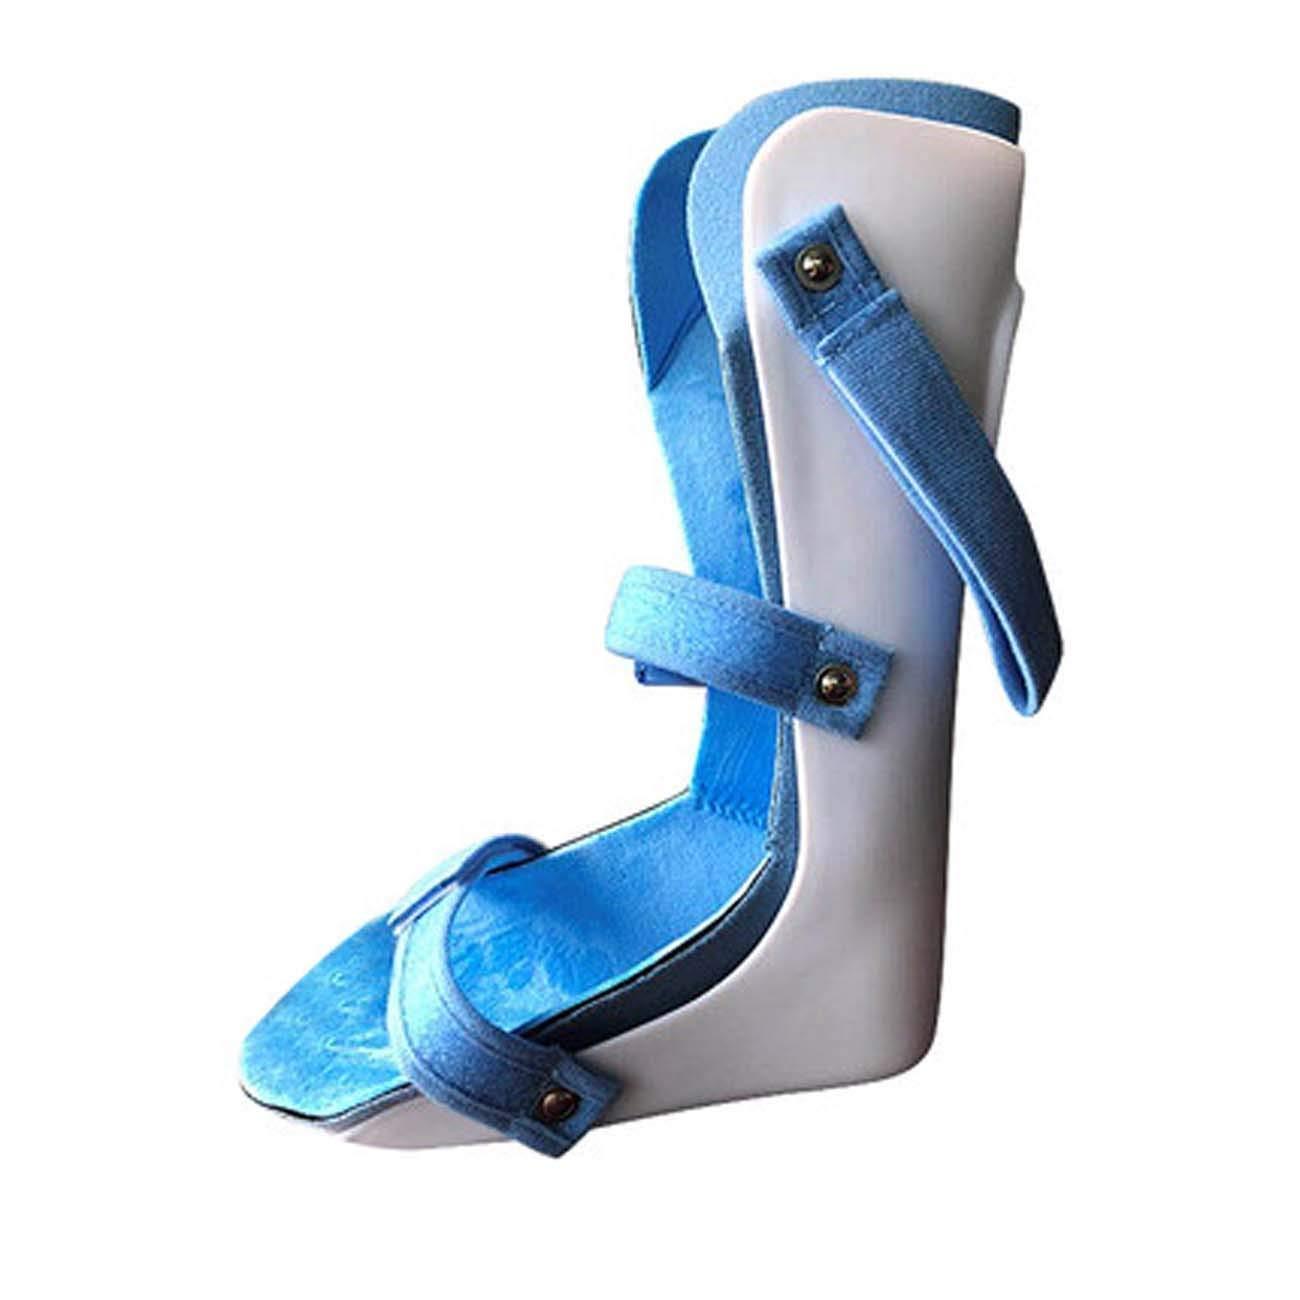 子供/ティーンエイジャー足の垂れ下がり足装具、足固定ブレース保護具内側と外側フリップ補正靴 (Color : Leftfoot, Size : M) Leftfoot Medium